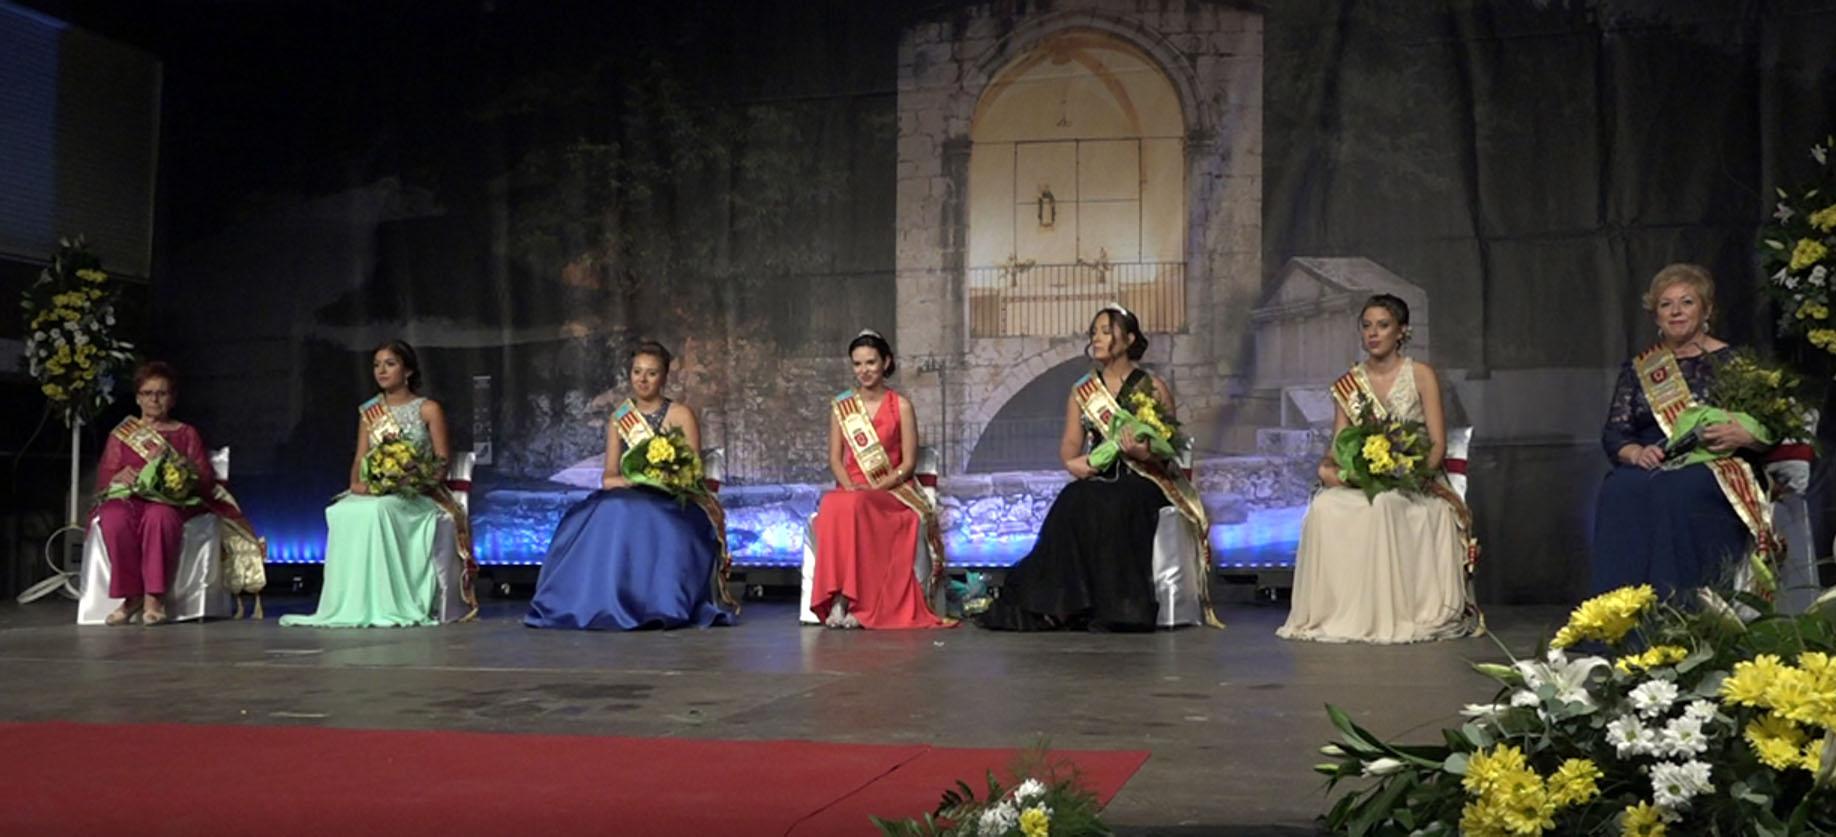 Traiguera, presentació de les regines de les Festes Majors